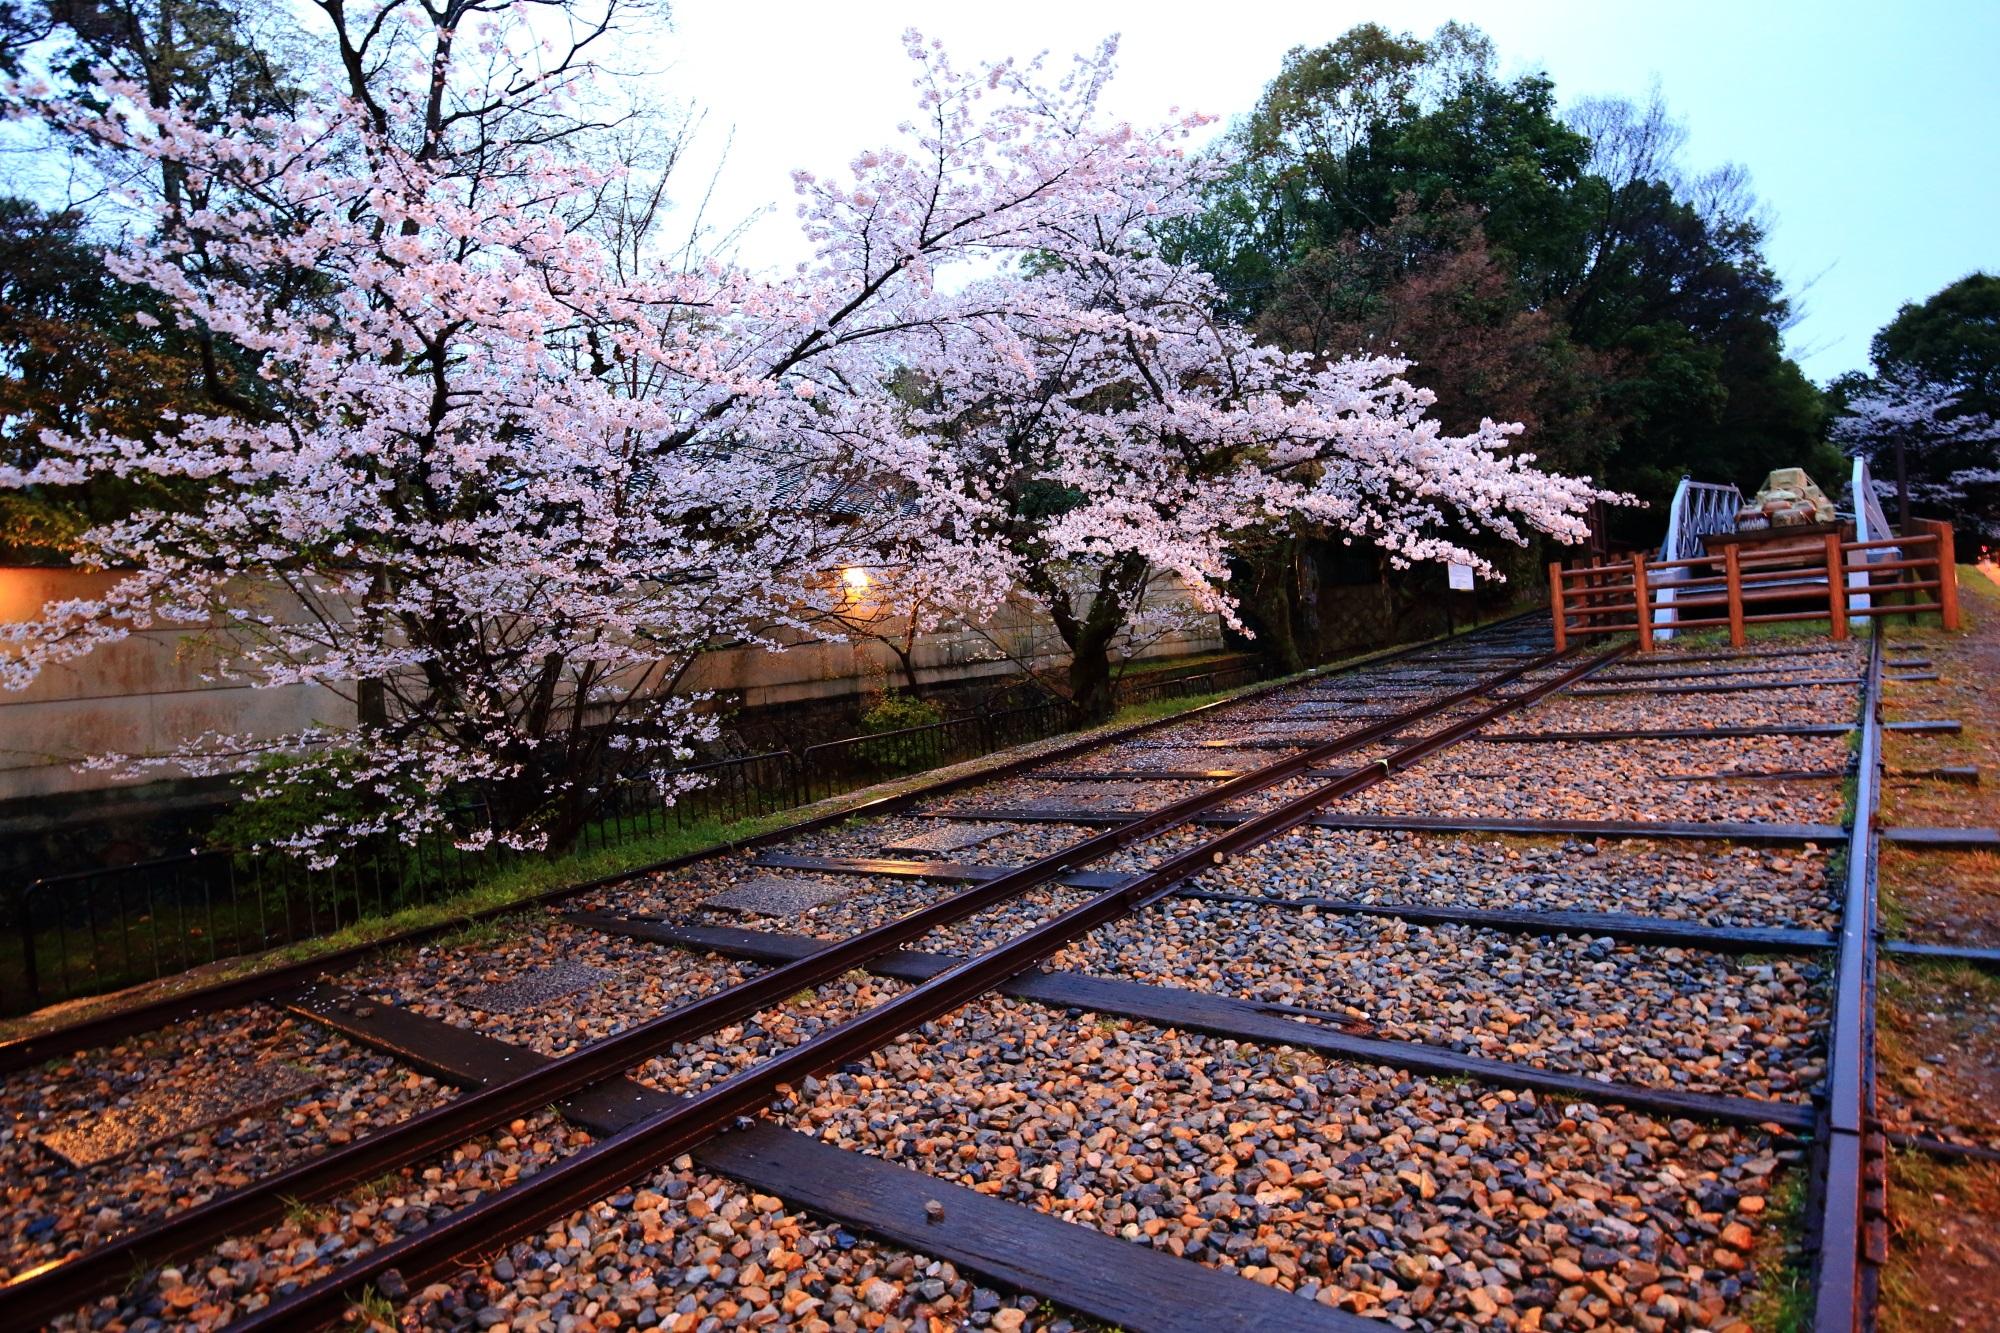 桜に彩られた残された船